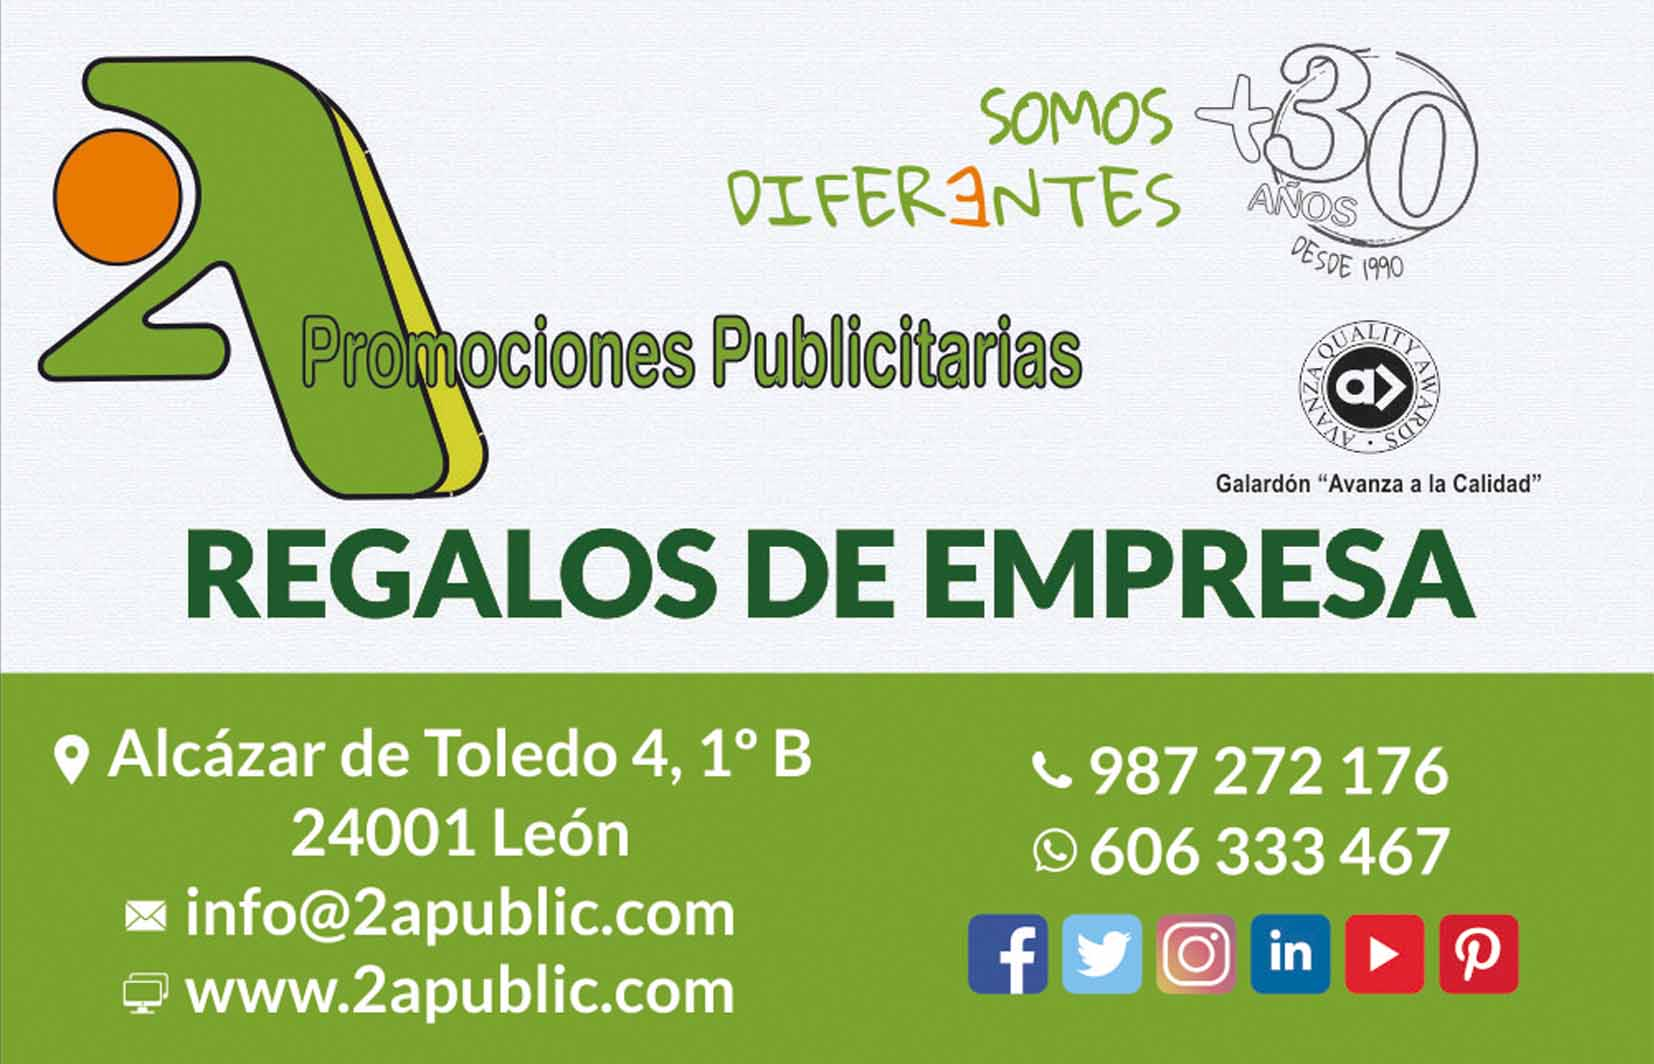 A2 Publicidad